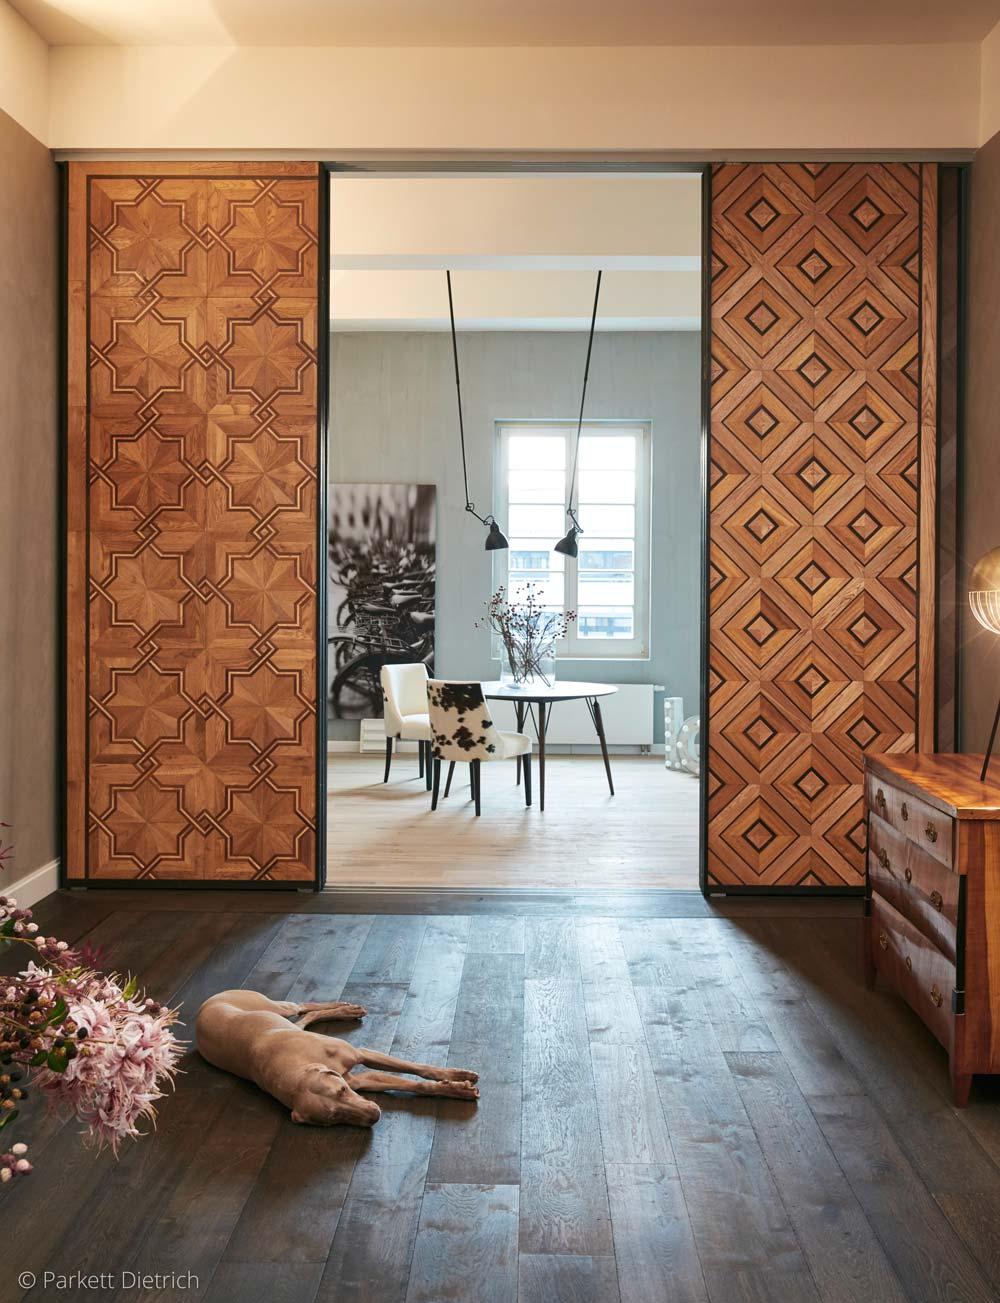 hamburg von innen: Holzboden Interior Inspiration, Parkett Dietrich Showroom